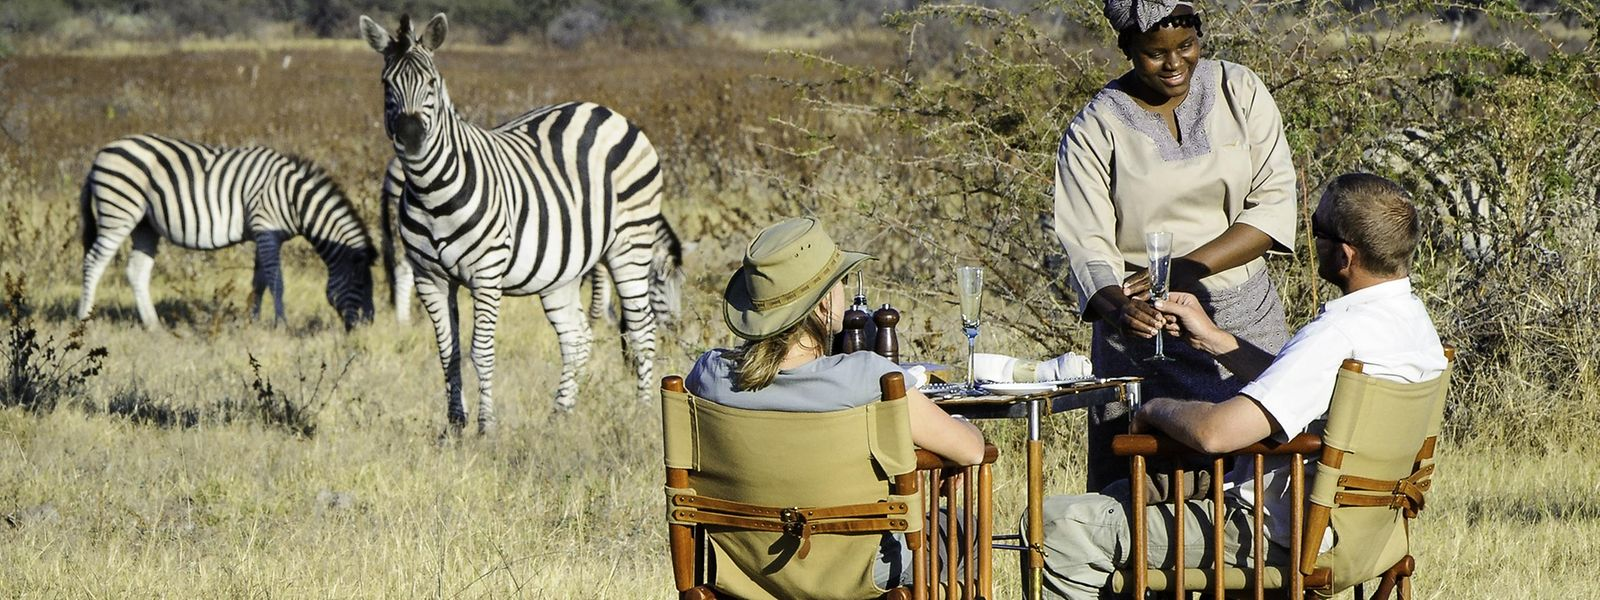 Zum Angebot mancher Luxusanbieter von Safaris gehört auch die gastronomische Pause mitten in der Savanne.